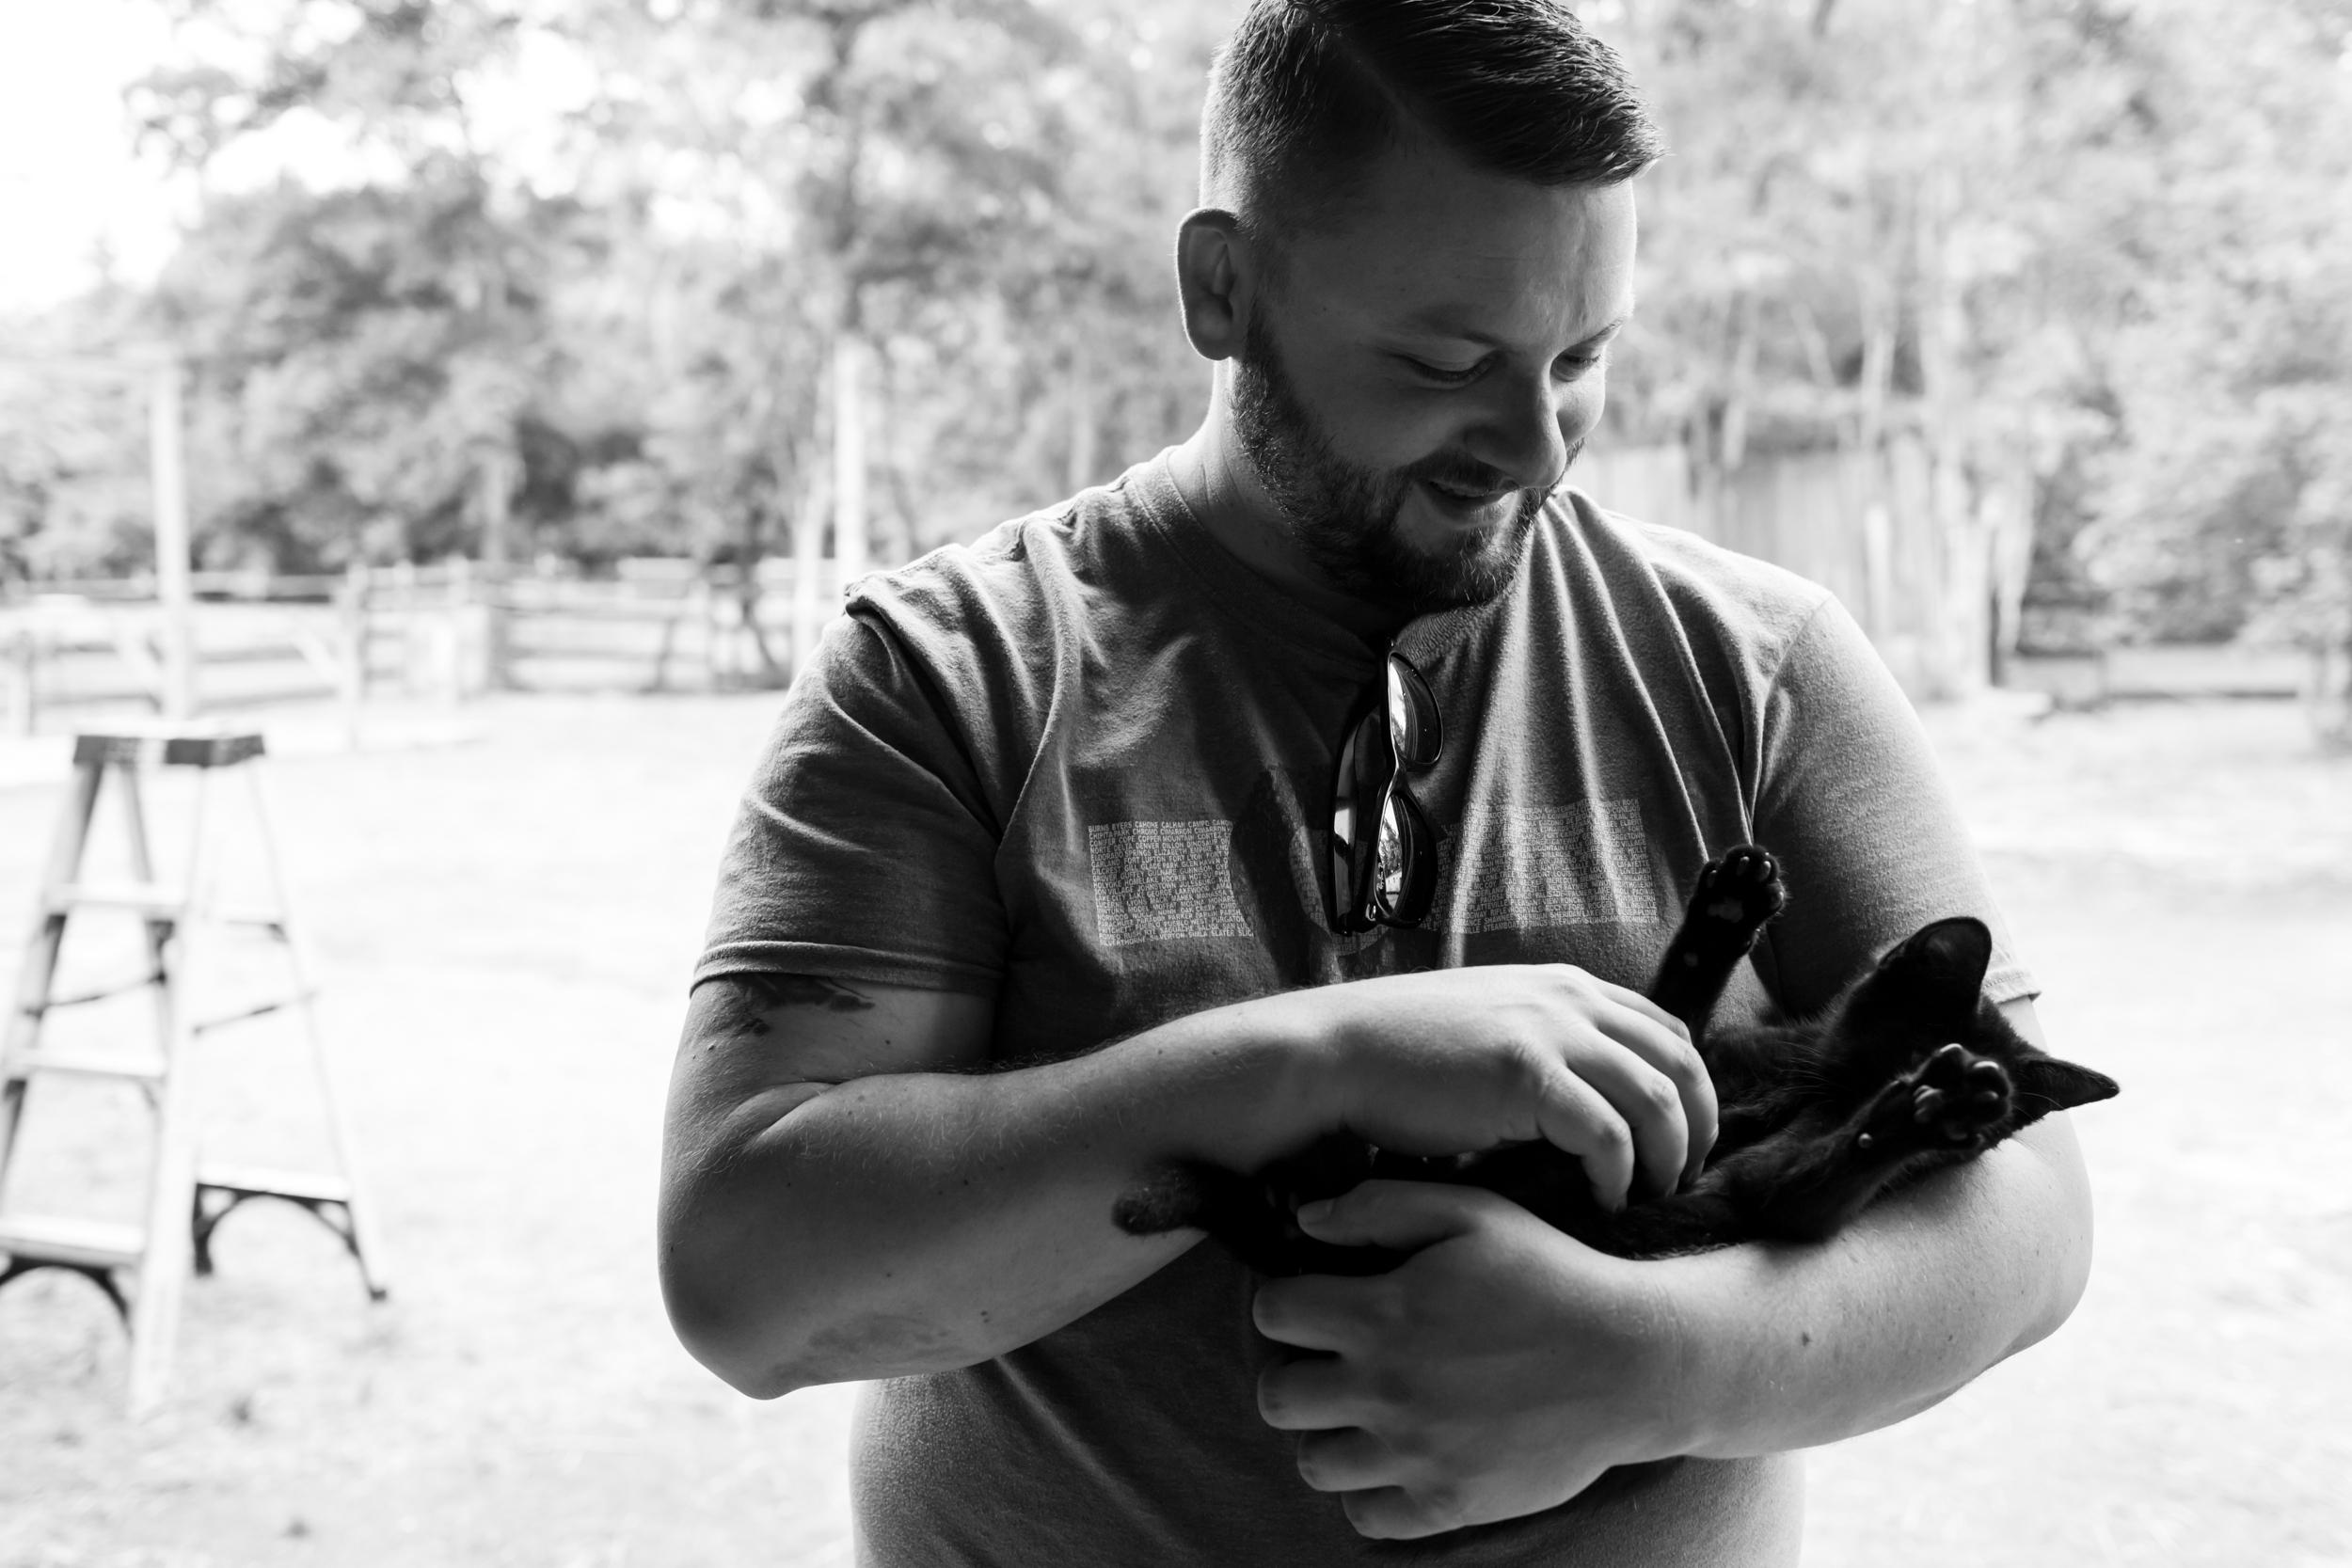 jacksonville-family-photographer-documentary-22.jpg